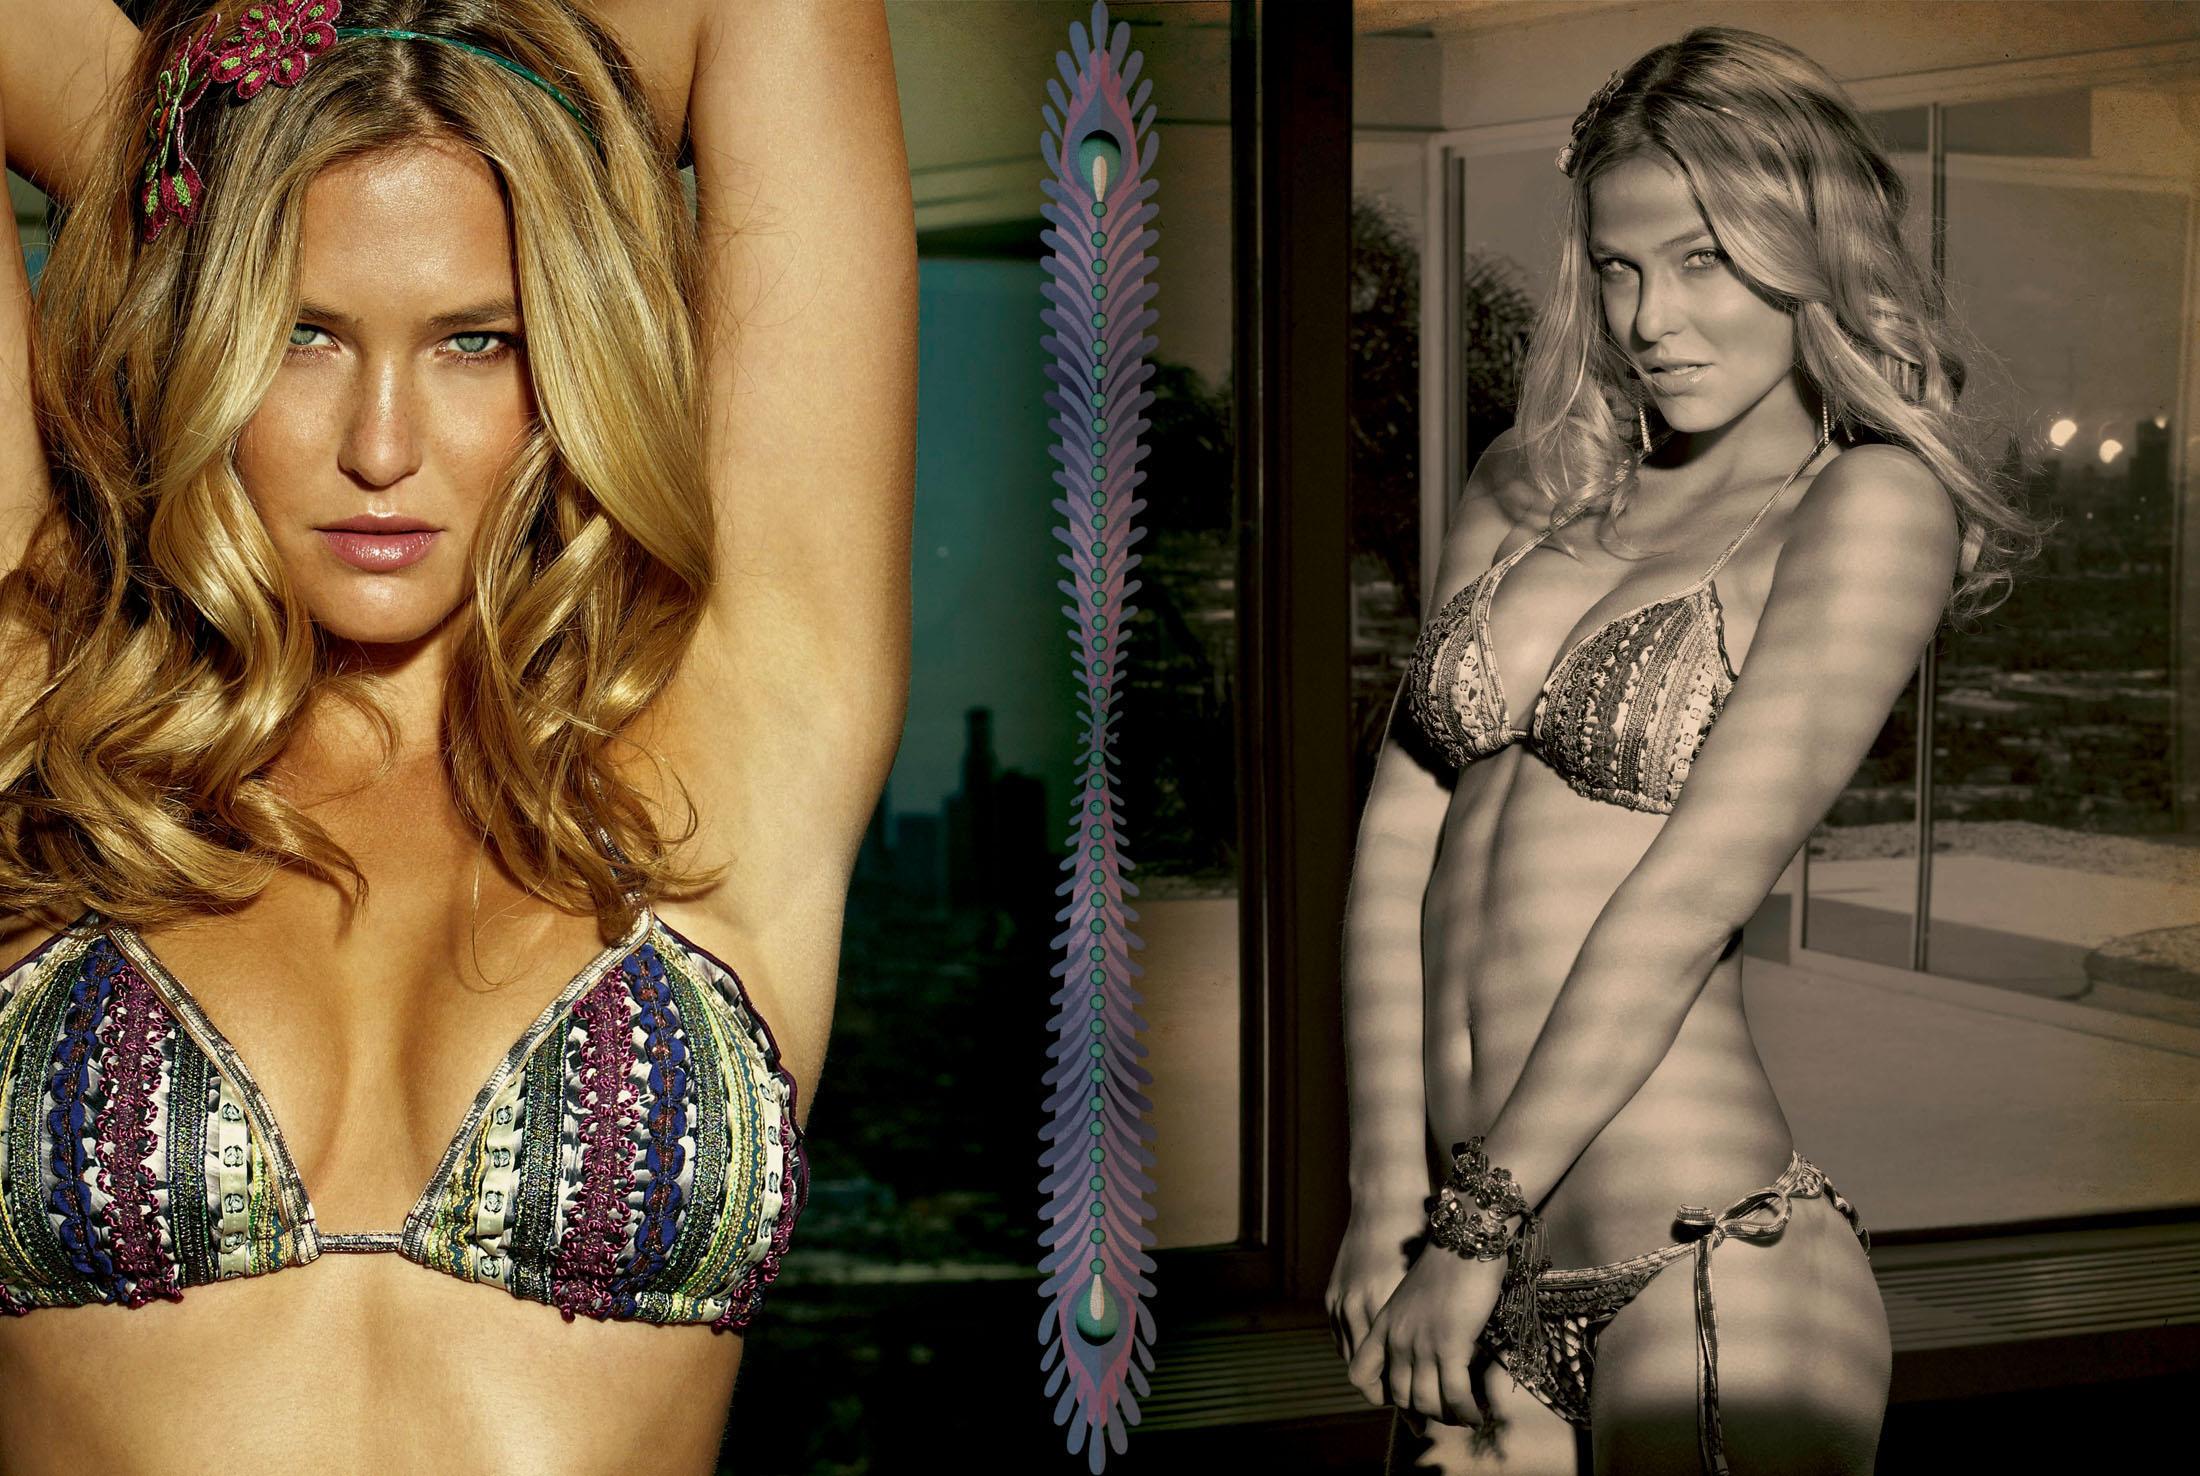 79062_Bar_Refaeli_ad_campaign_for_Agua_Bendita_2011_swimwear_line_6_122_147lo.jpg